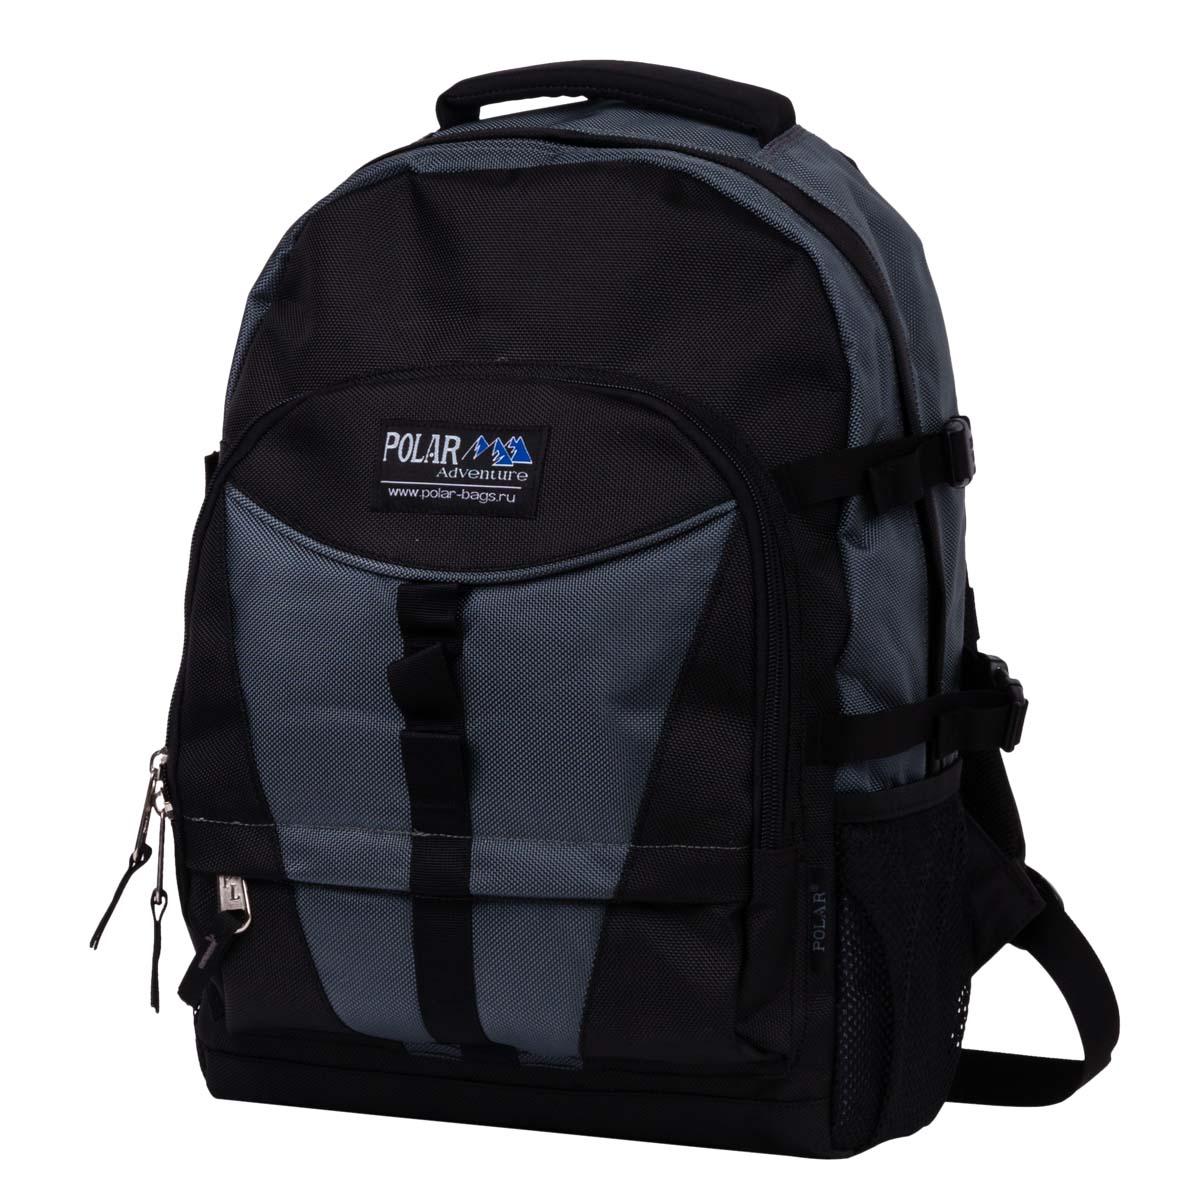 Рюкзак городской Polar, 27,5 л, цвет: серый. П939-06П939-06Отделение для ноутбука 28х5х35 . Оригинальная модель для ноутбука фирмы Polar. Материал – полиэстер с водоотталкивающей пропиткой. Удобная спинка с вертикальными вставками из пены и трикотажной сетки, для лучшей циркуляции воздуха. Удобные лямки с грудной стяжкой лямок. Внутри большого отделения есть отделение для ноутбука + дополнительное отделение и два кармана из сетки с клапанами на липучке для мышки и зарядного устройства. Снаружи расположены стяжки (4 шт.) для регулирования объема. Два боковых кармана из сетки. Вместительный карман с органайзером и дополнительными кармашками. Дополнительно в комплект входит съемный чехол, что позволит надежней сохранить ваши вещи в дождливую погоду. Вместительный и очень удобный рюкзак позволит вам взять с собой все необходимое как для вашего портативного компьютера, так и для себя. Материал: Cordura PU 1000D.